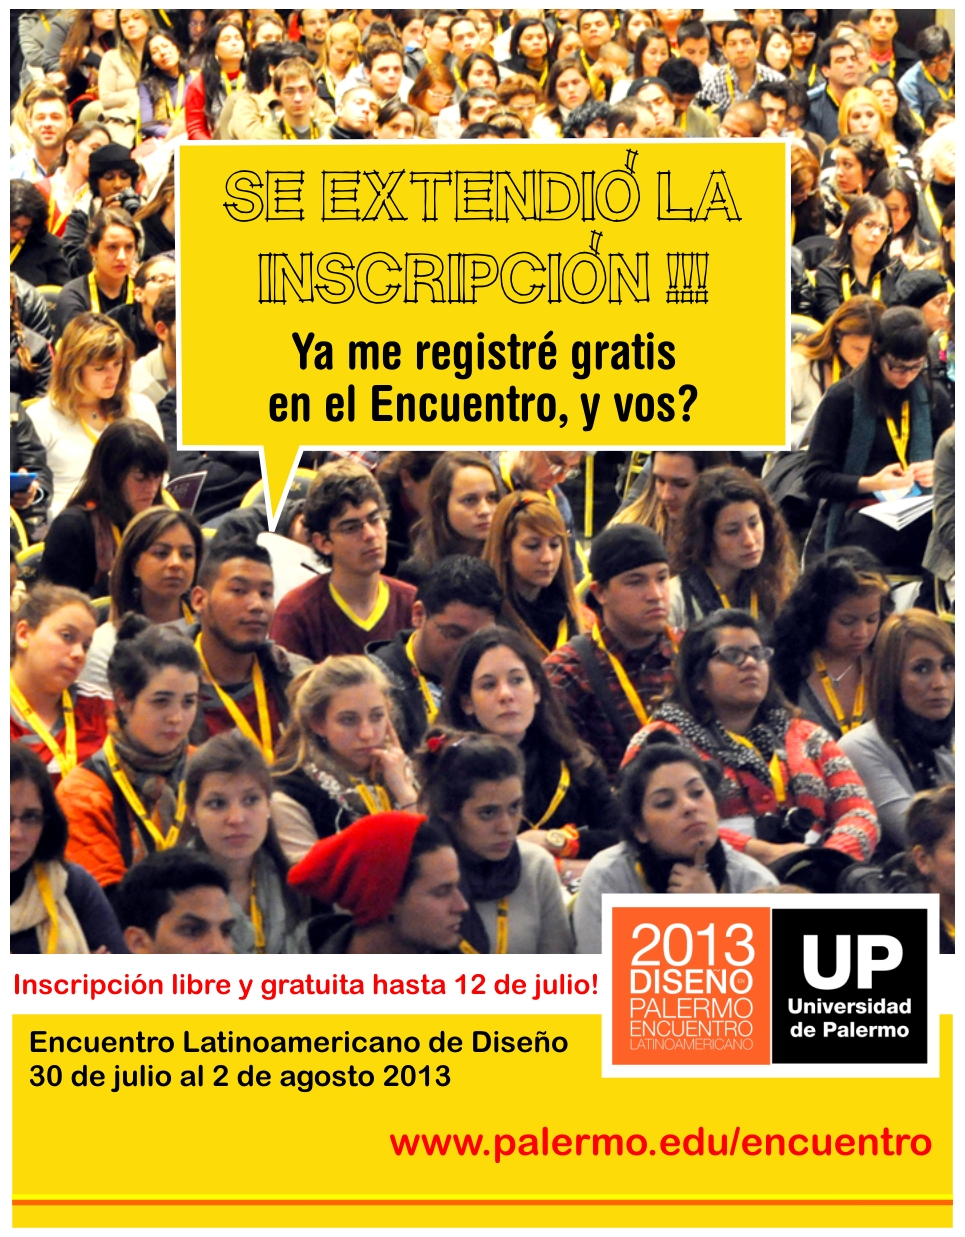 Extensión inscripciones Encuentro Latinoamericano de Diseño 2013